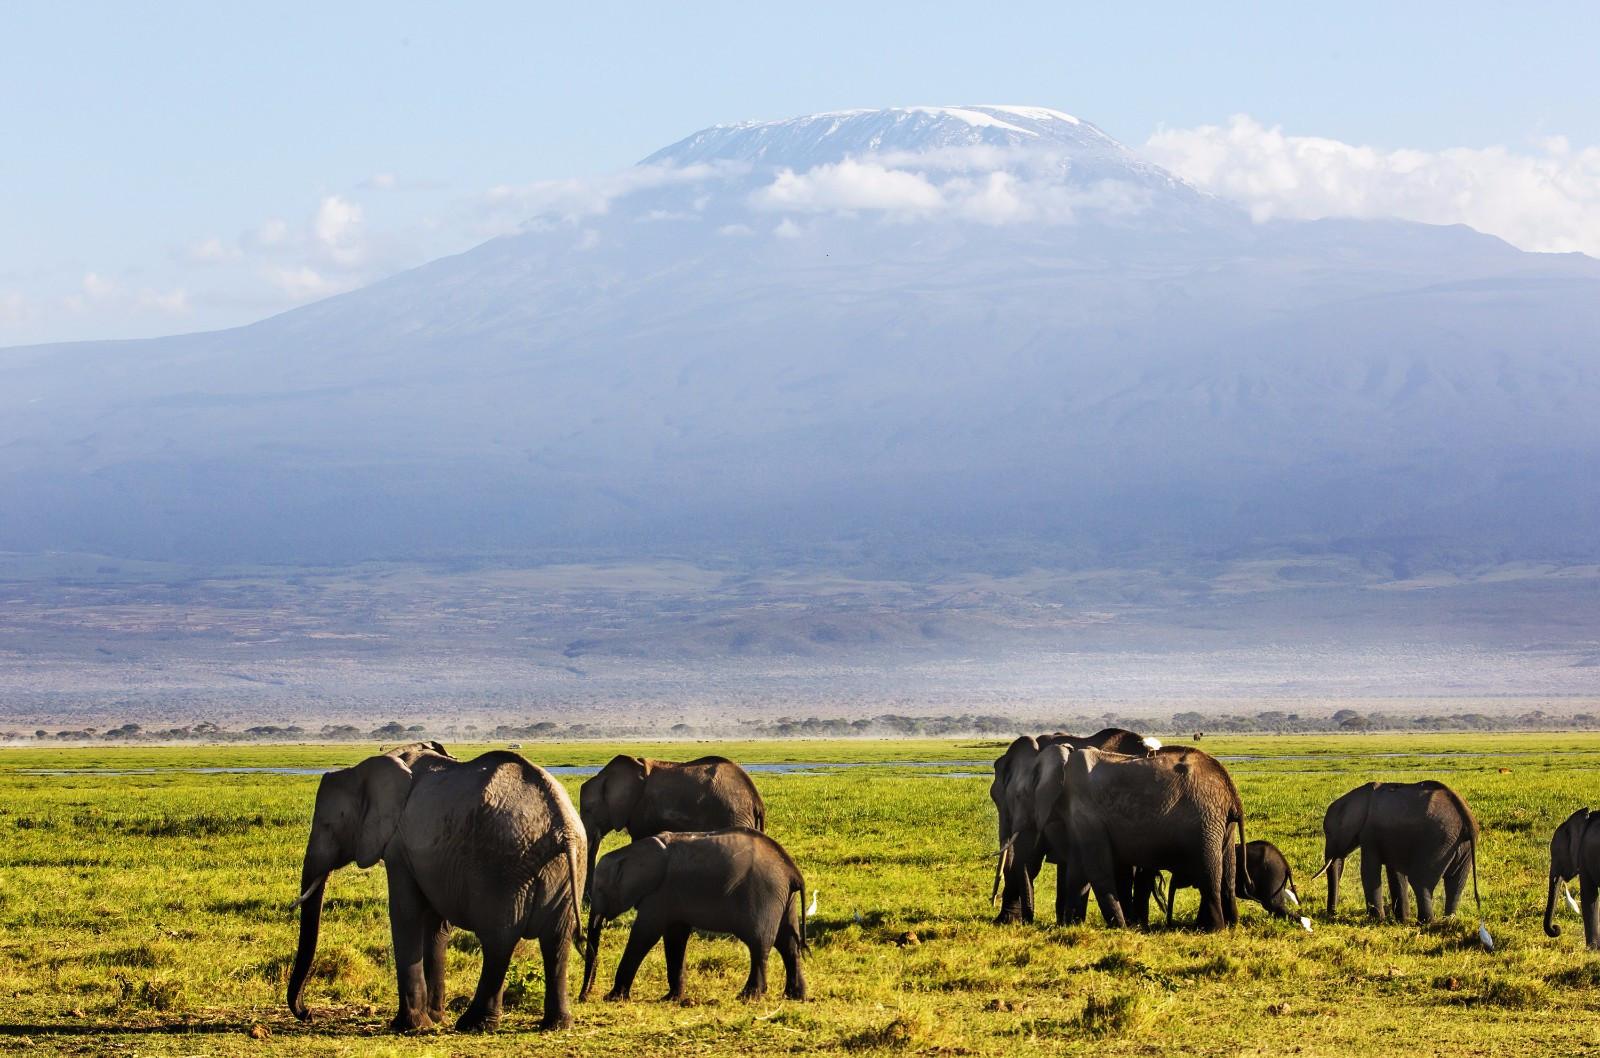 非洲伊甸园:大半国土为国家公园,拥非洲三大湖泊,大陆最高峰! 作者: 来源:李不言说旅游